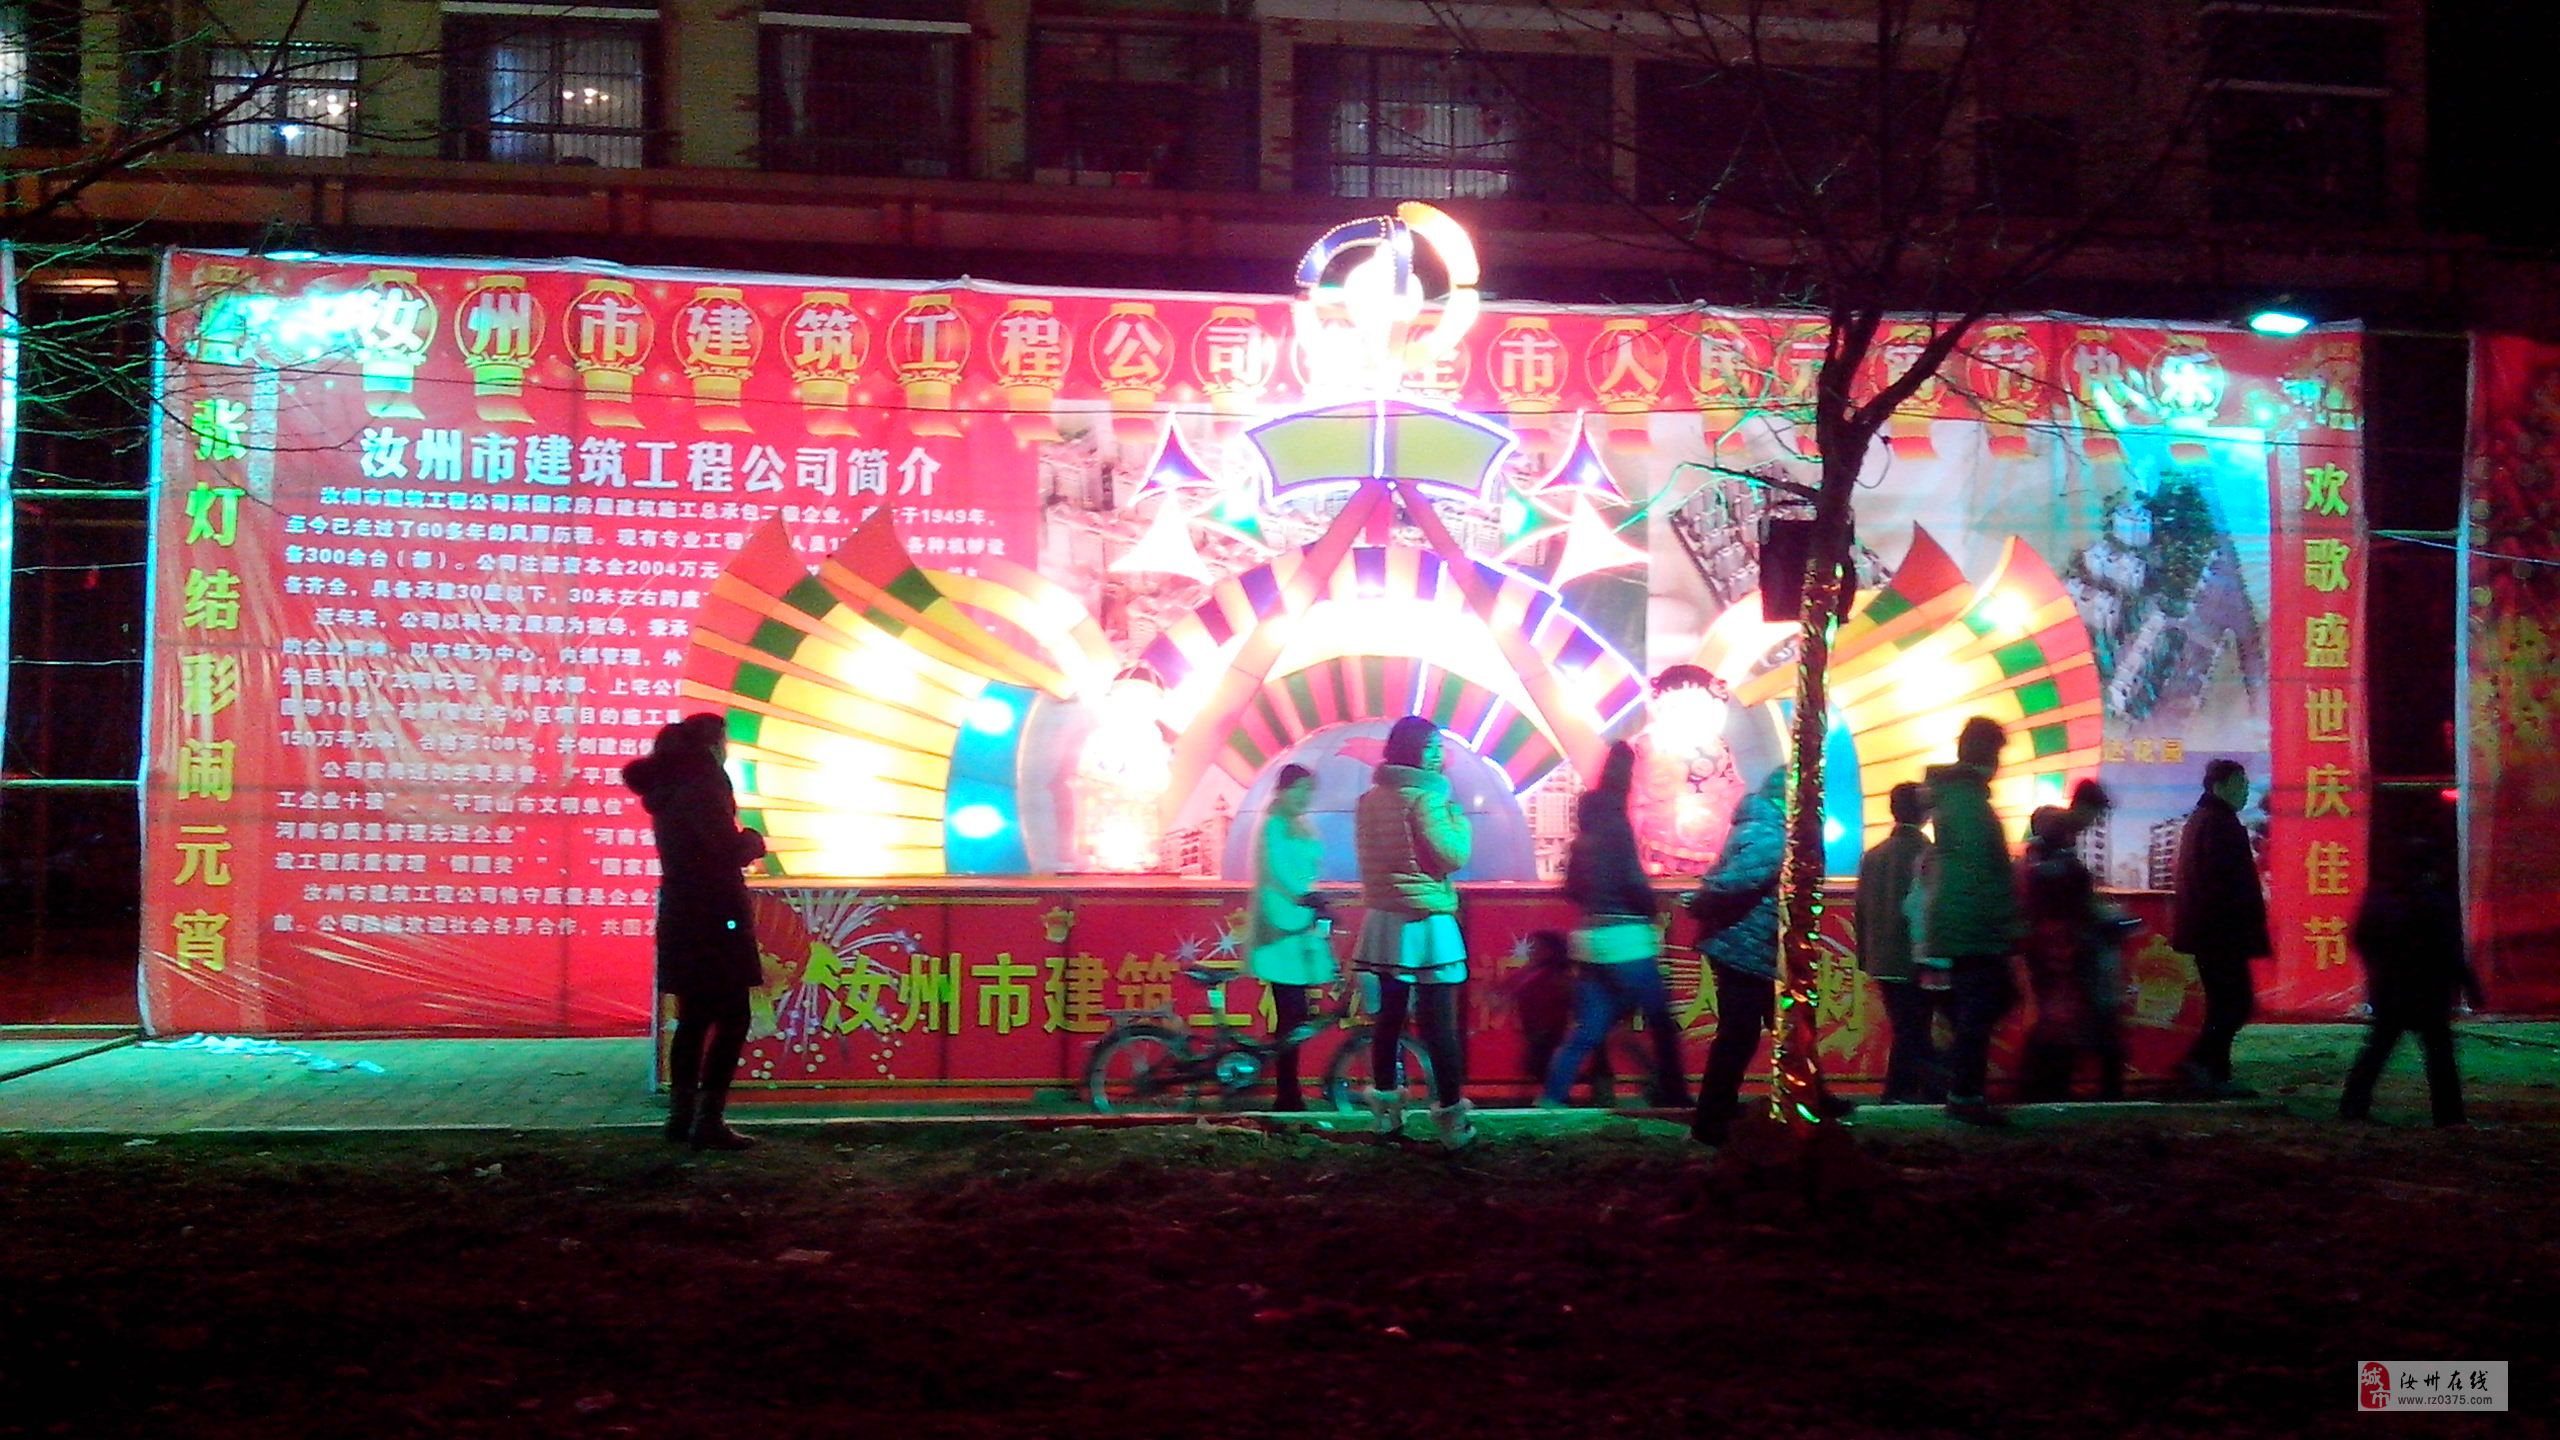 朝阳路游记_游记美图_汝州论坛